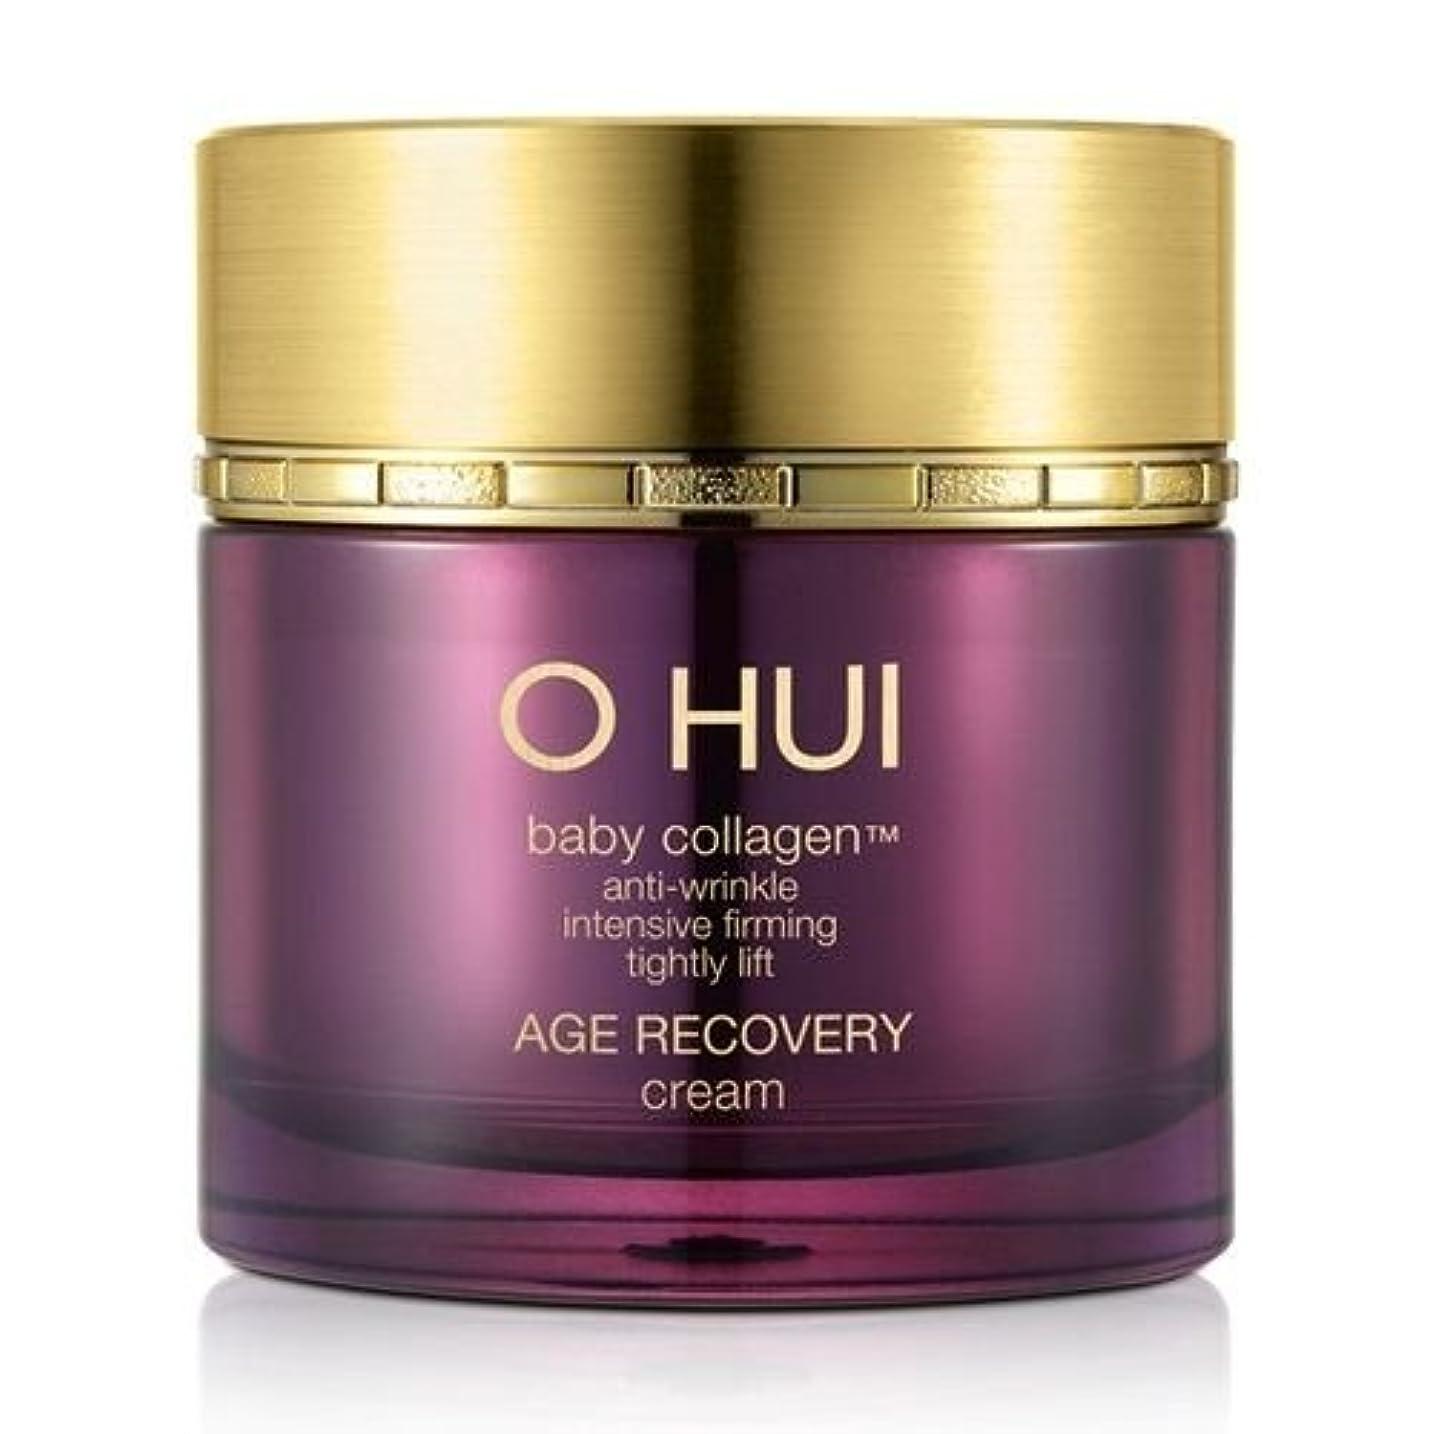 キャッシュ爪忌避剤OHUI Age recovery Cream 50ml シワ改善機能性化粧品 [並行輸入品]